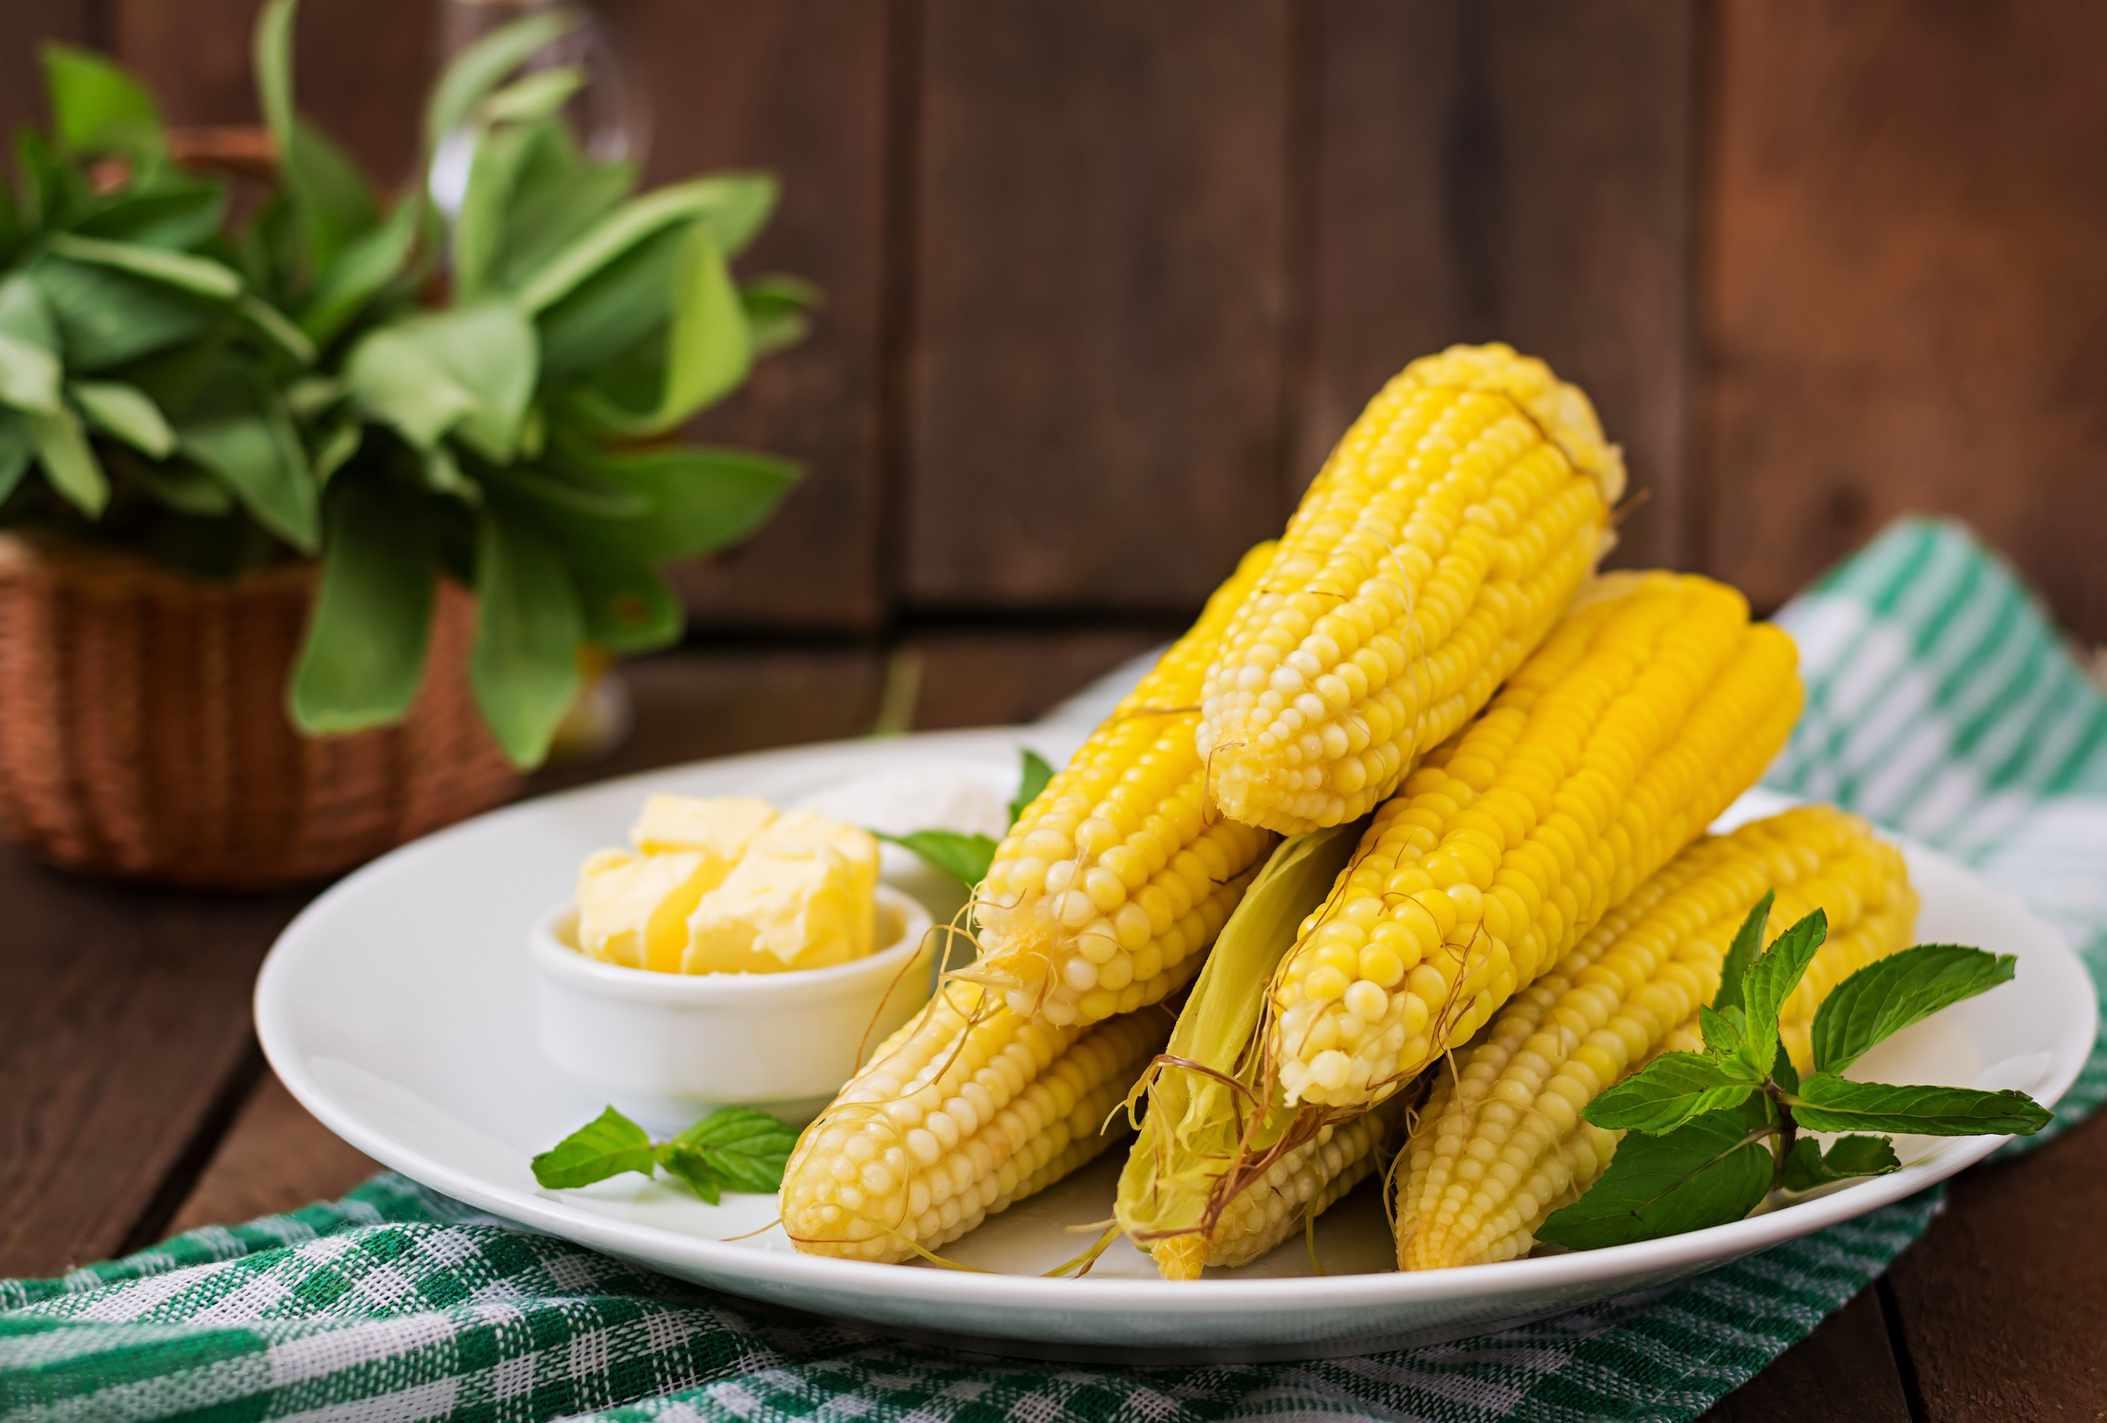 seis mazorcas de maíz cocidas y peladas en un plato con un pequeño tazón de mantequilla al lado